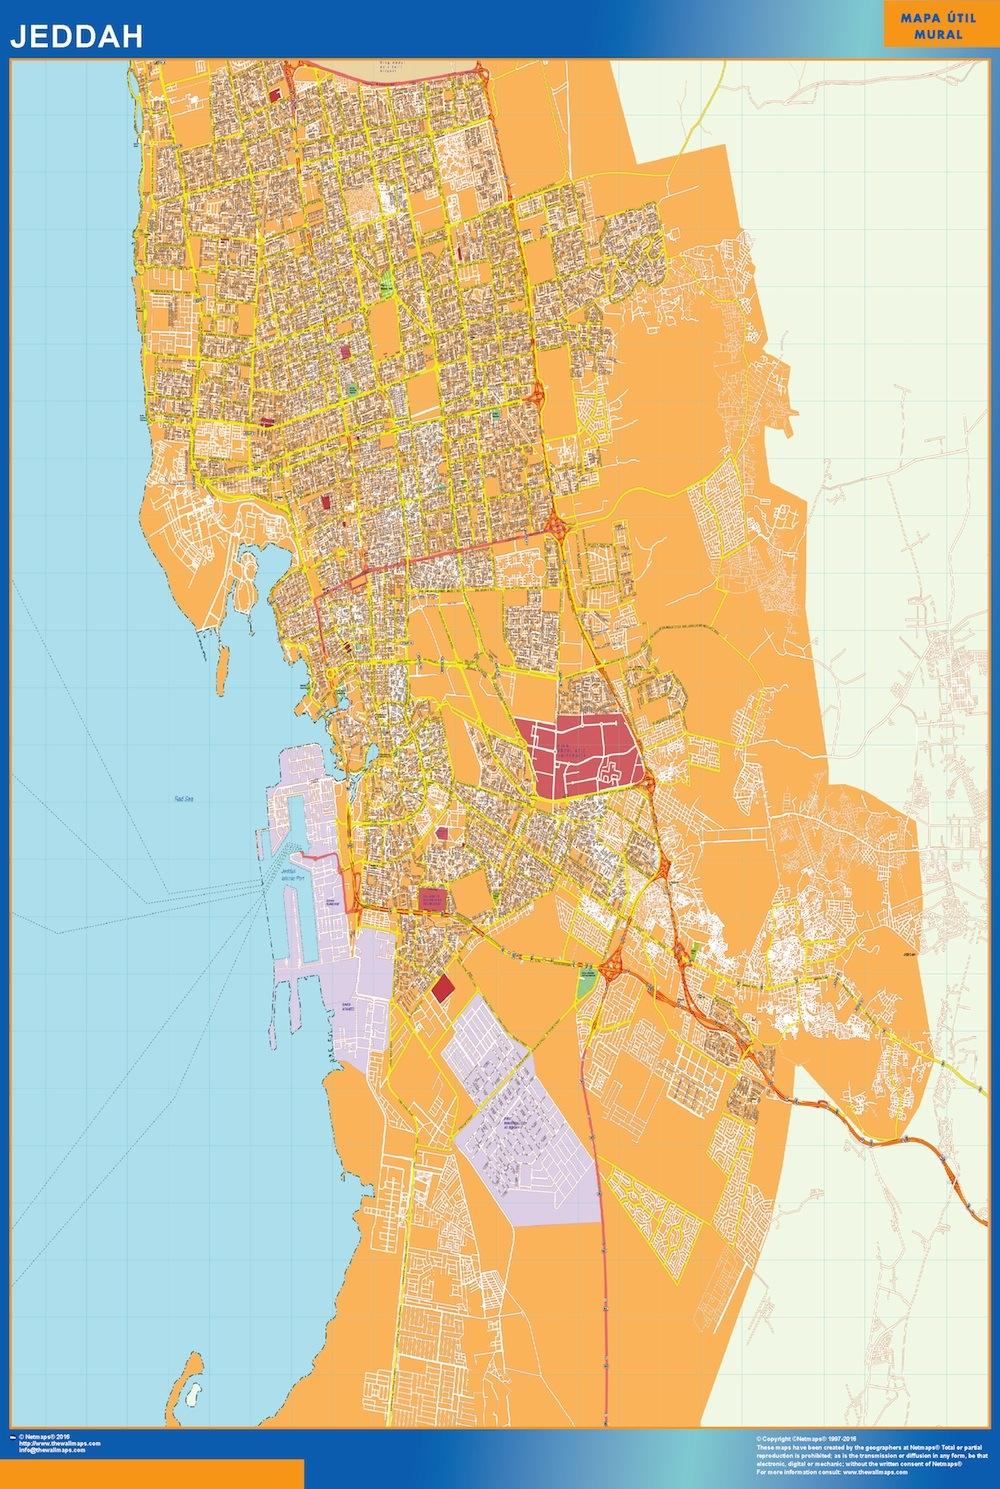 Mapa Jeddah en Arabia Saudita plastificado gigante